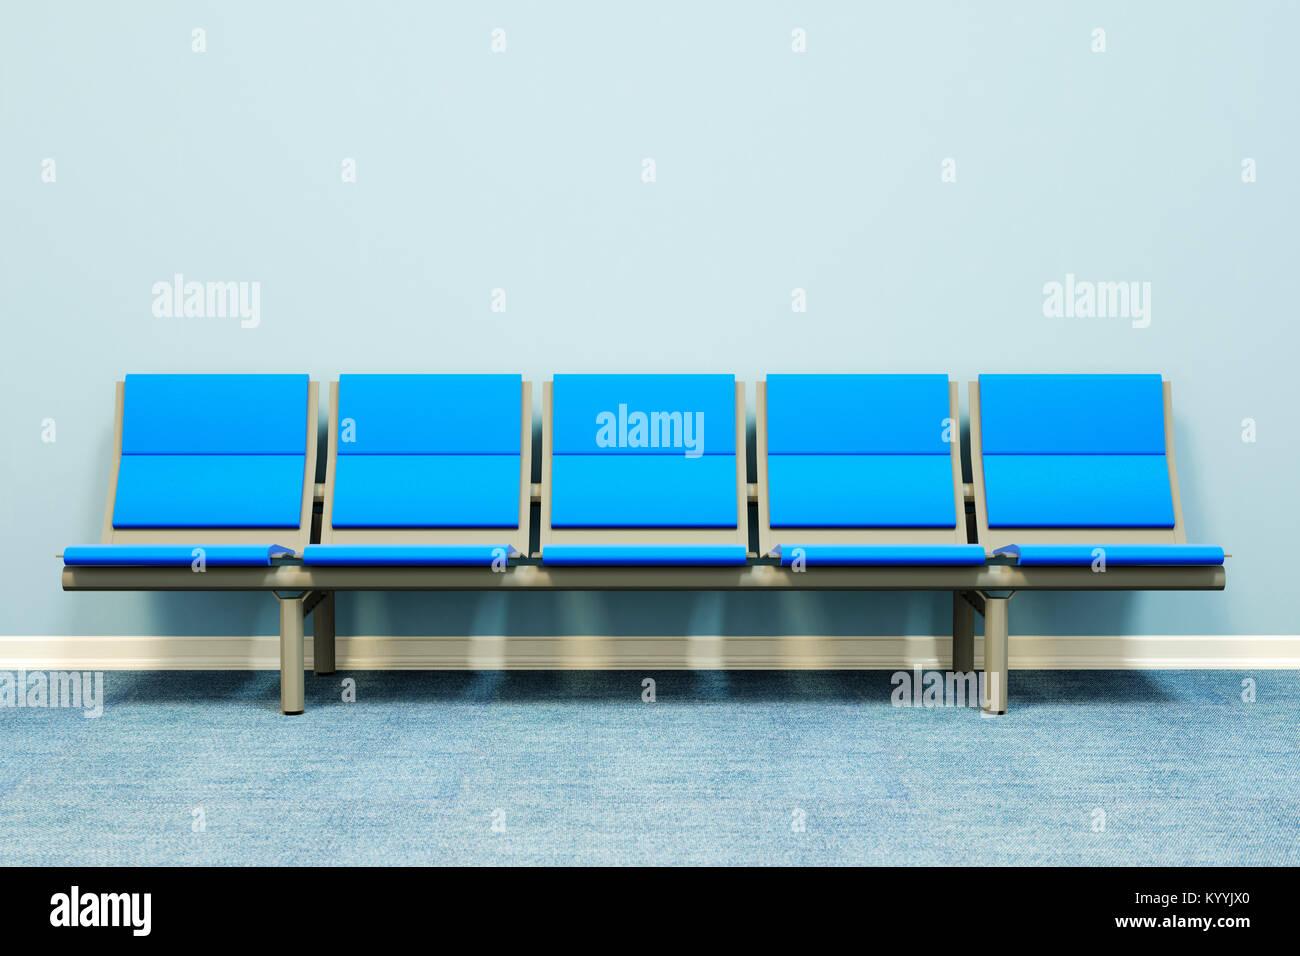 Cinq sièges dans une rangée contre un mur dans une salle vide - salle d'attente, l'hôpital, Photo Stock